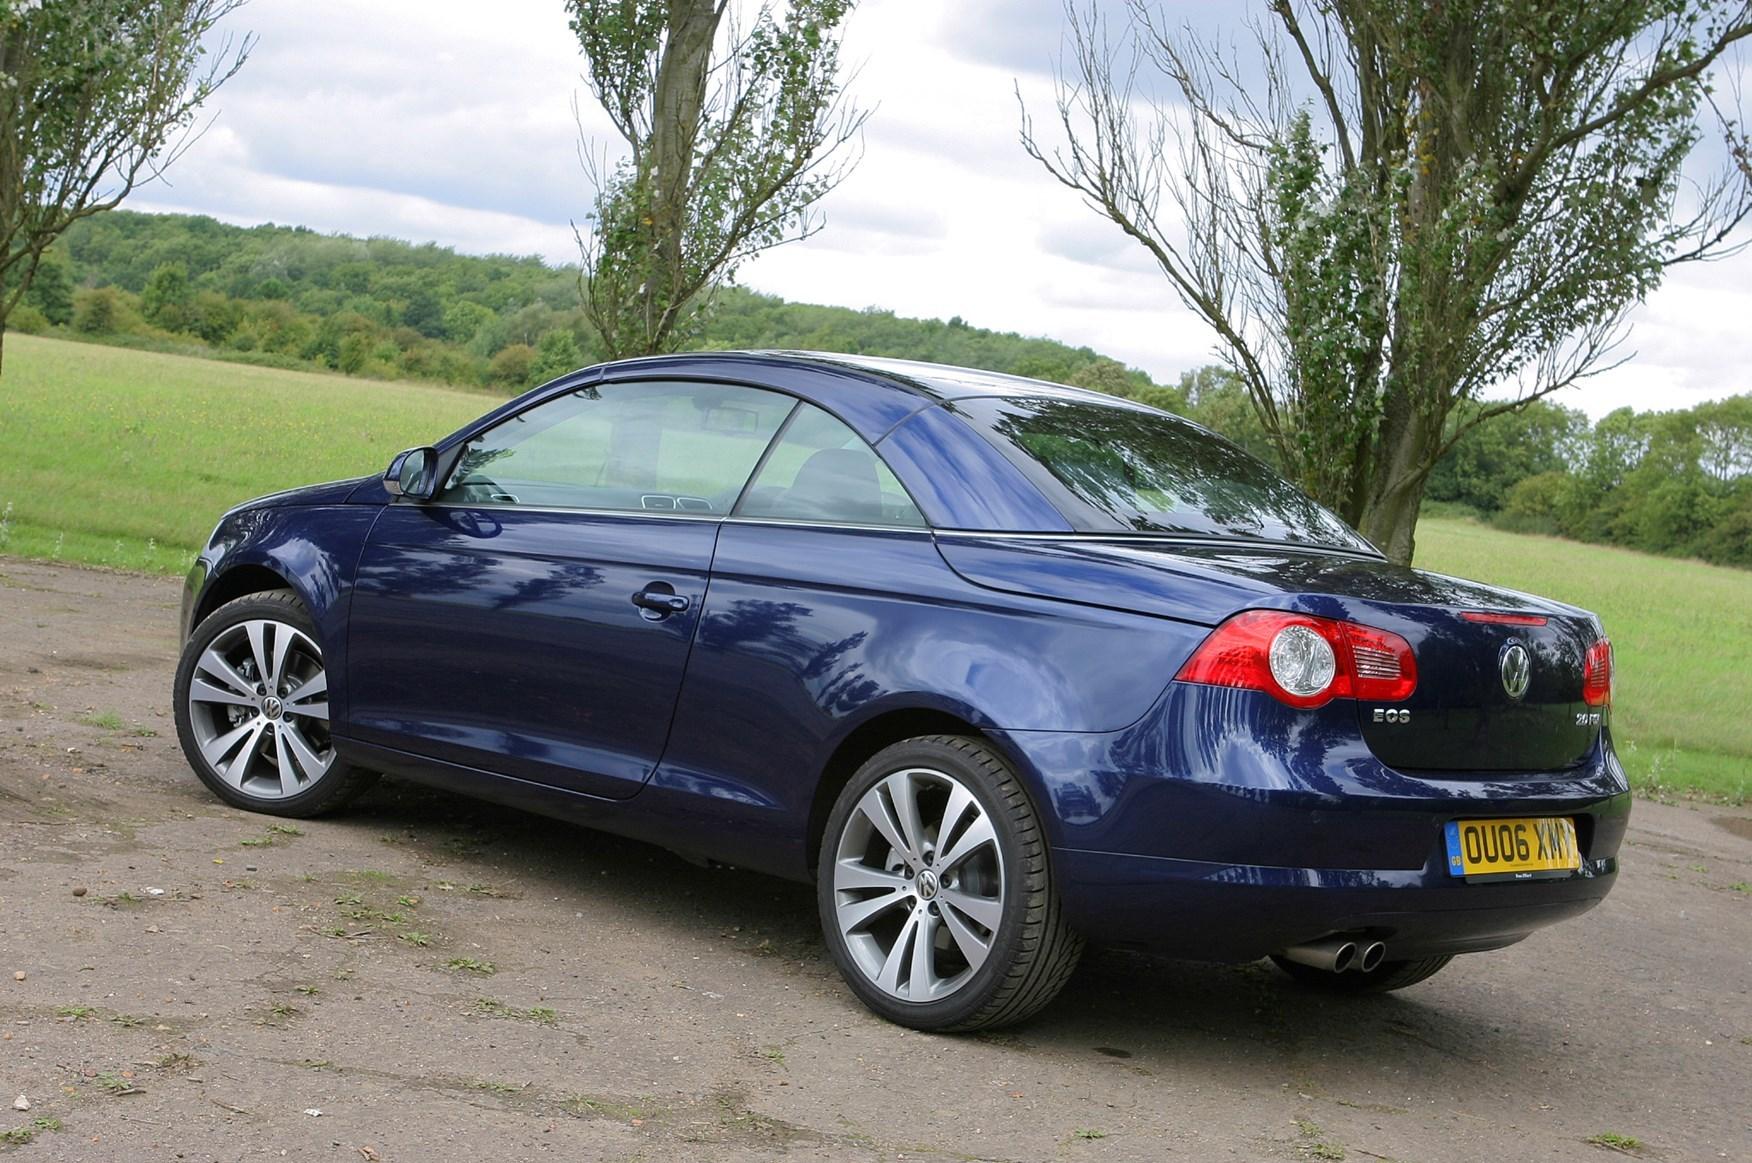 Volkswagen Eos Hardtop Convertible